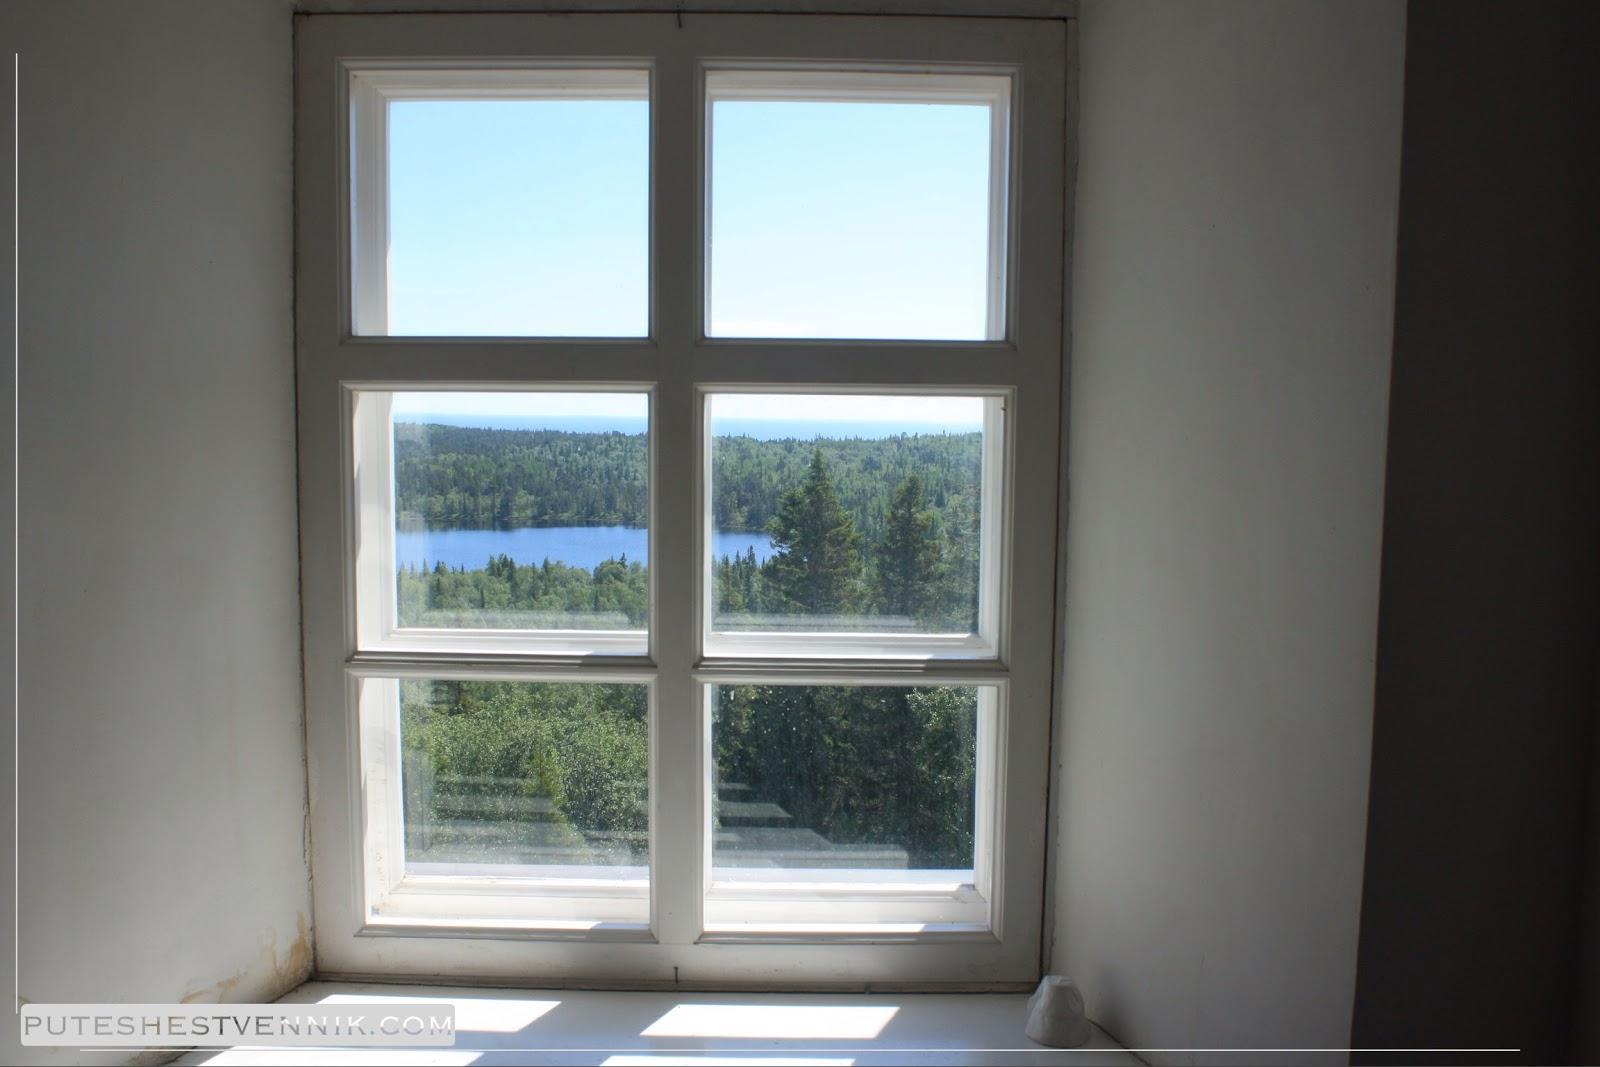 Вид на природу острова Анзер из окна храма